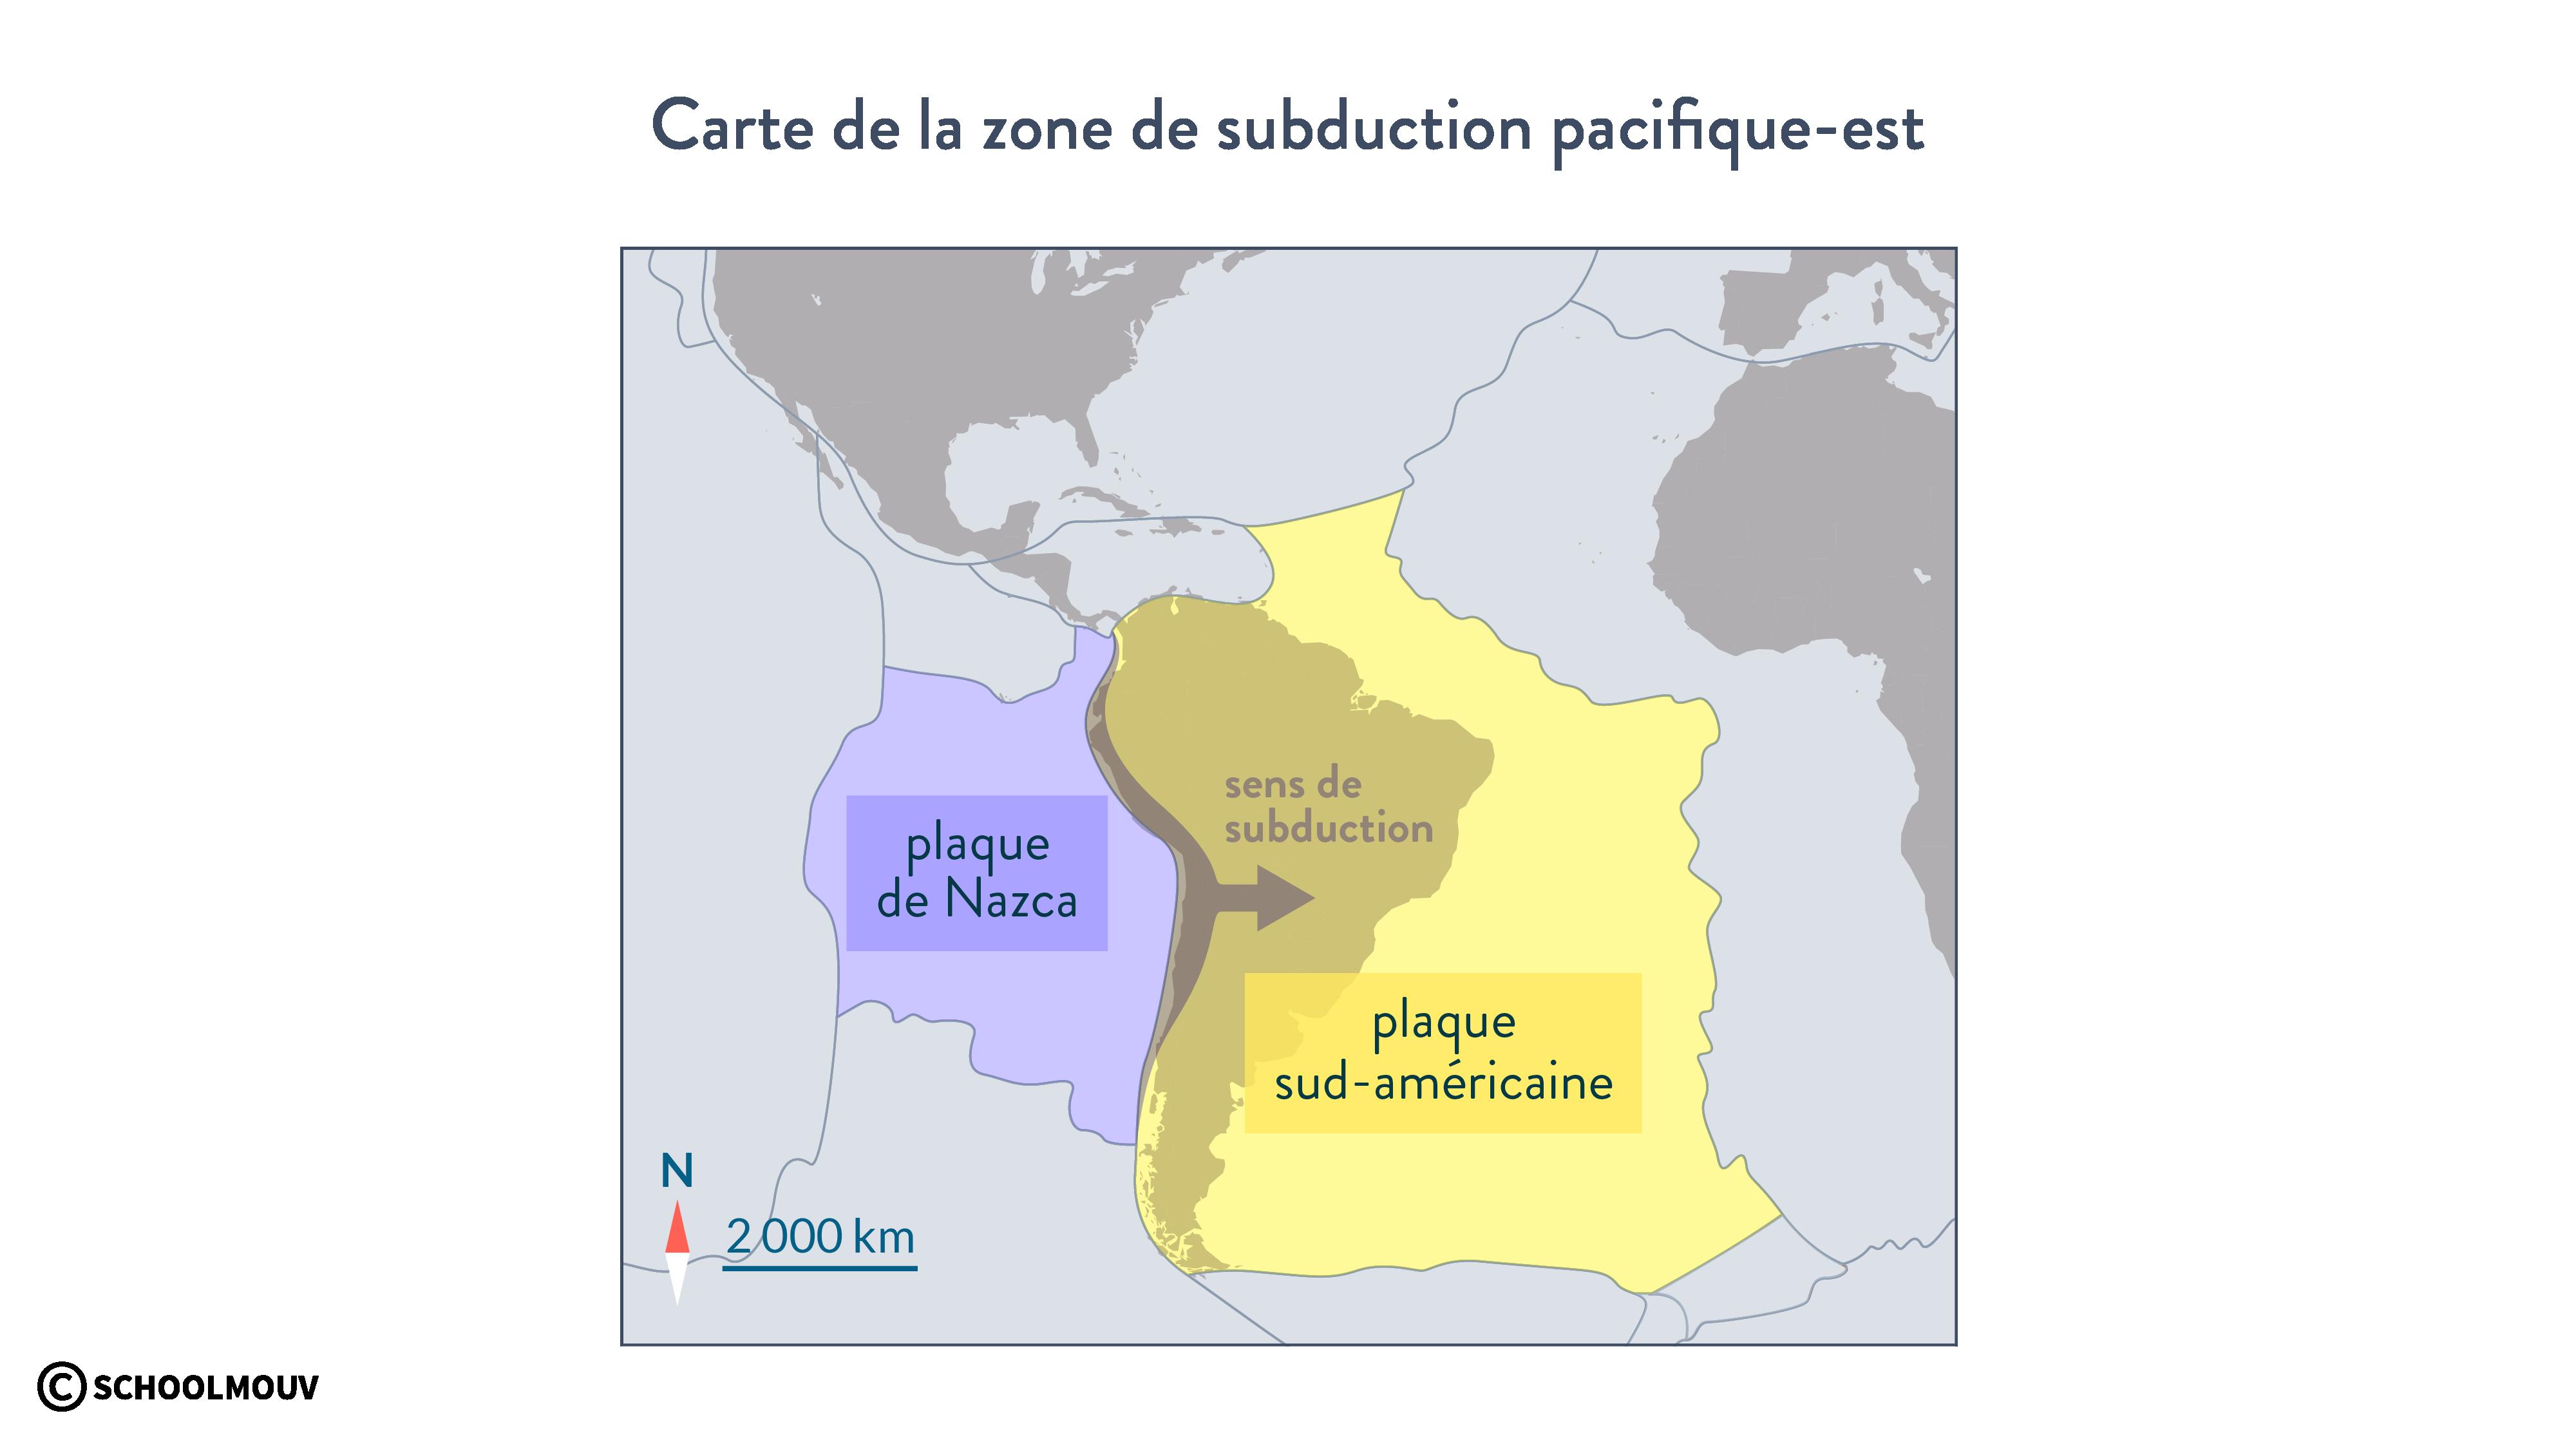 Carte de la zone de subduction pacifique-est plaque Nazca plaque sud-américaine svt première